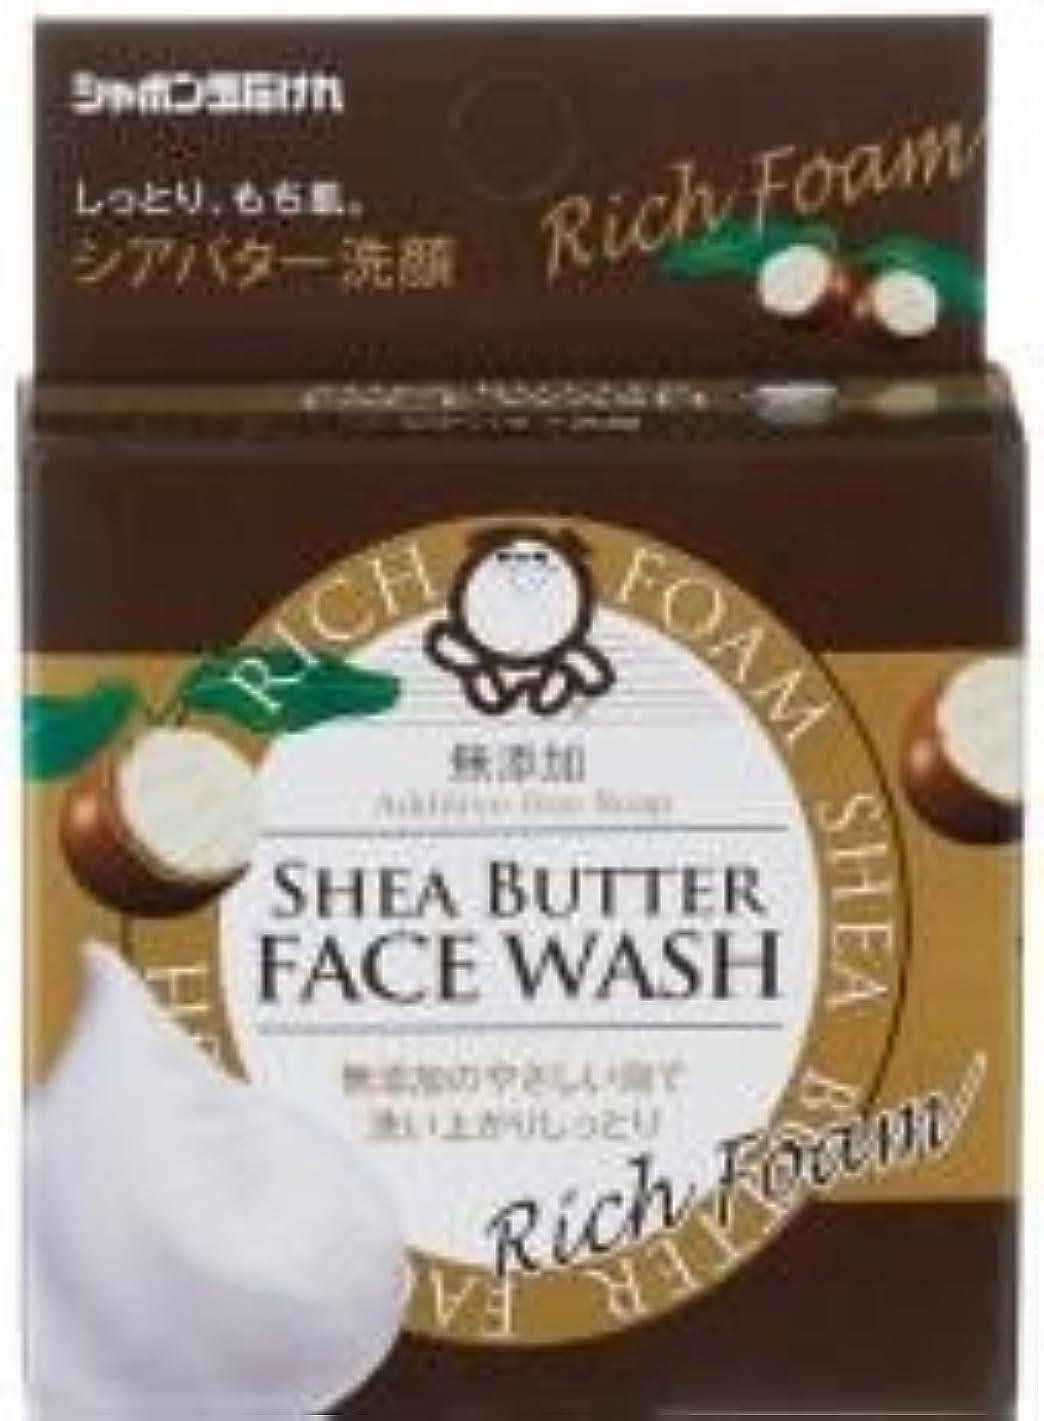 ミリメーターぶら下がる辛いシャボン玉 シアバター洗顔せっけん 60g ※2個セット